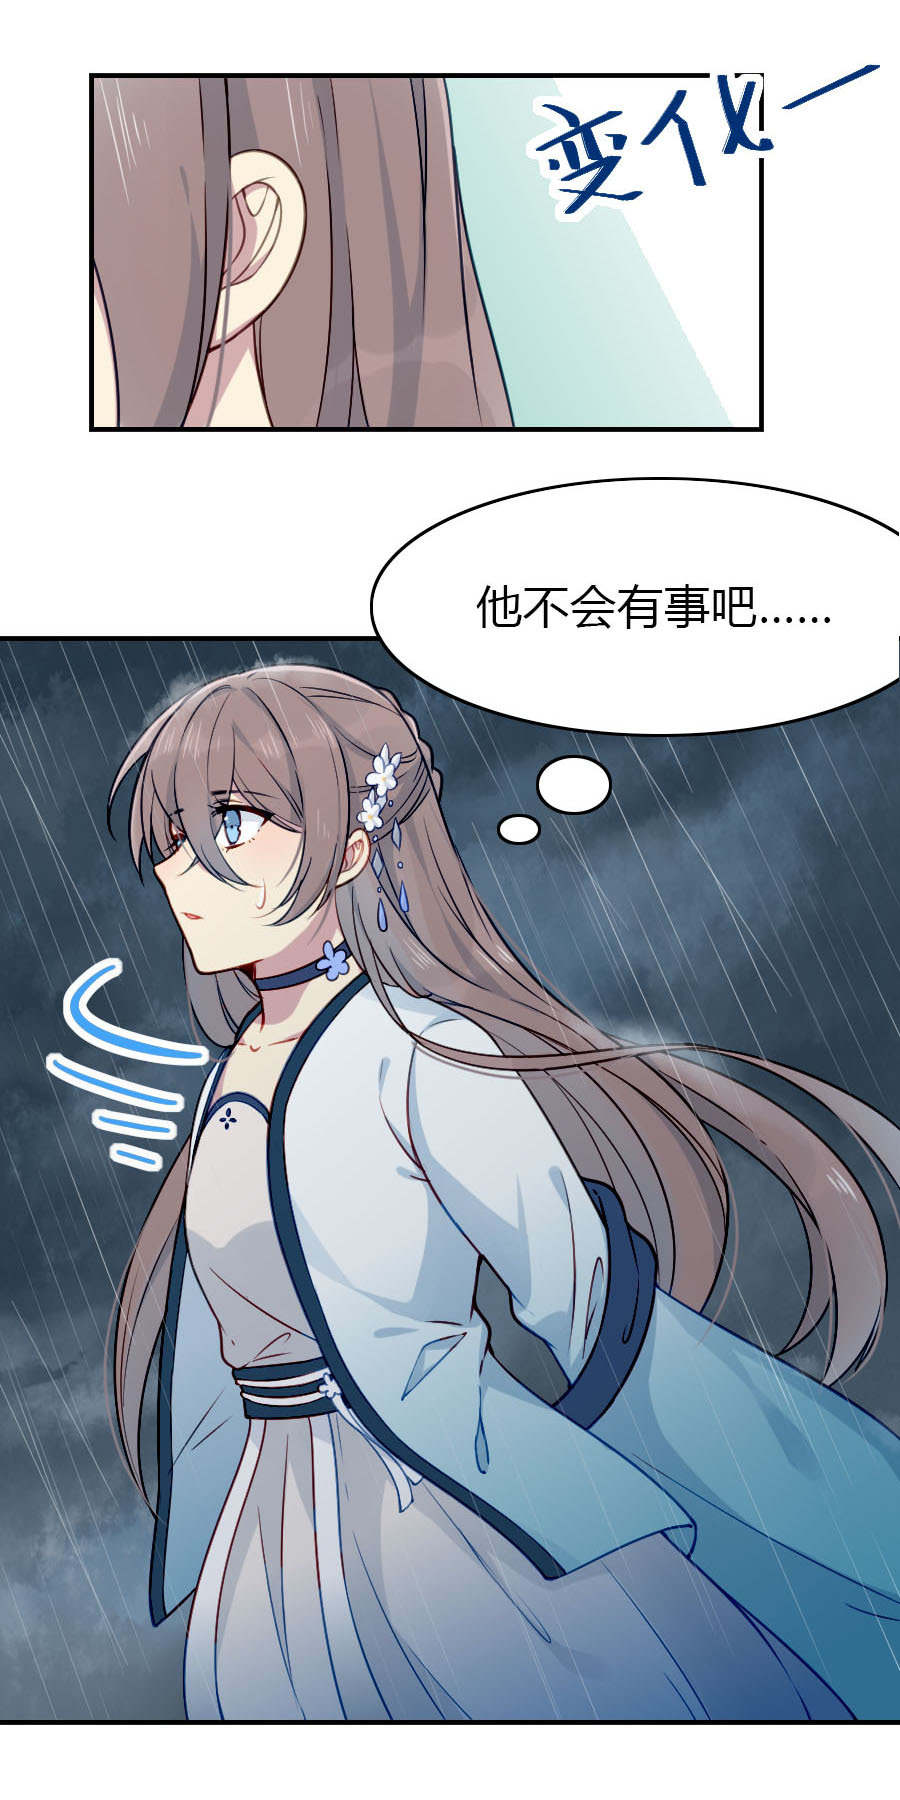 少年游第26话  红灯笼红 贪欲乃剧毒 第 5